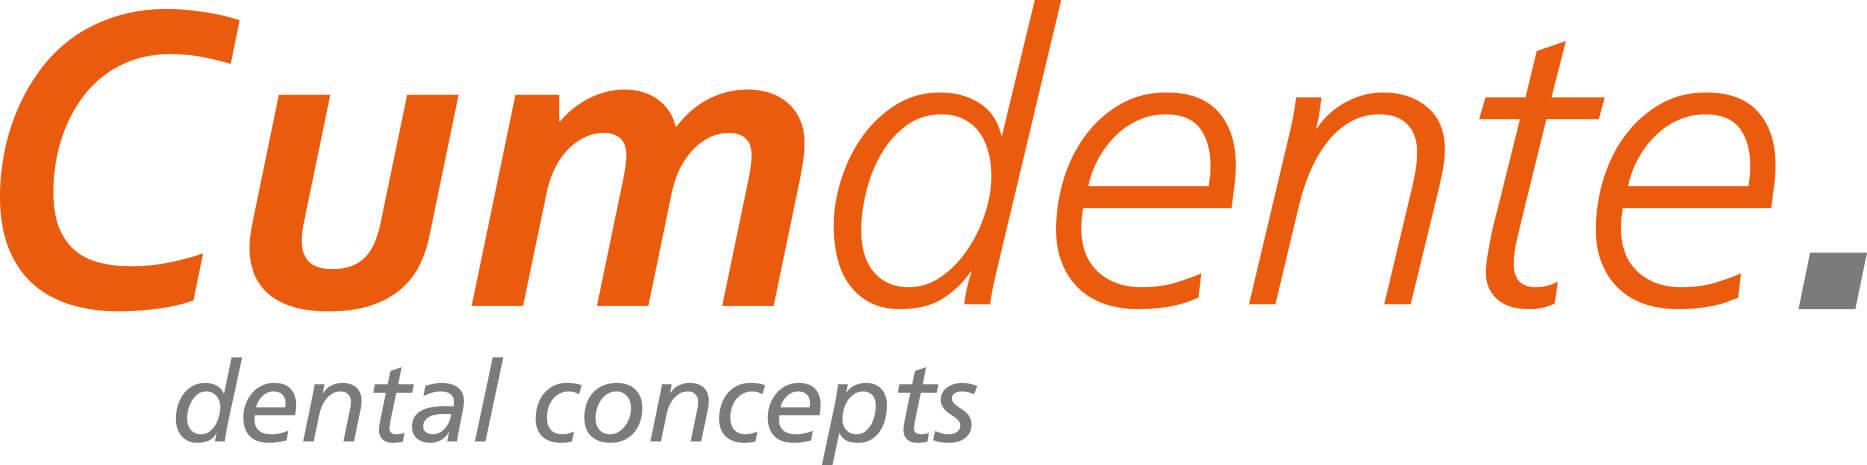 Partner - Cumdente GmbH als Text ausgeschrieben